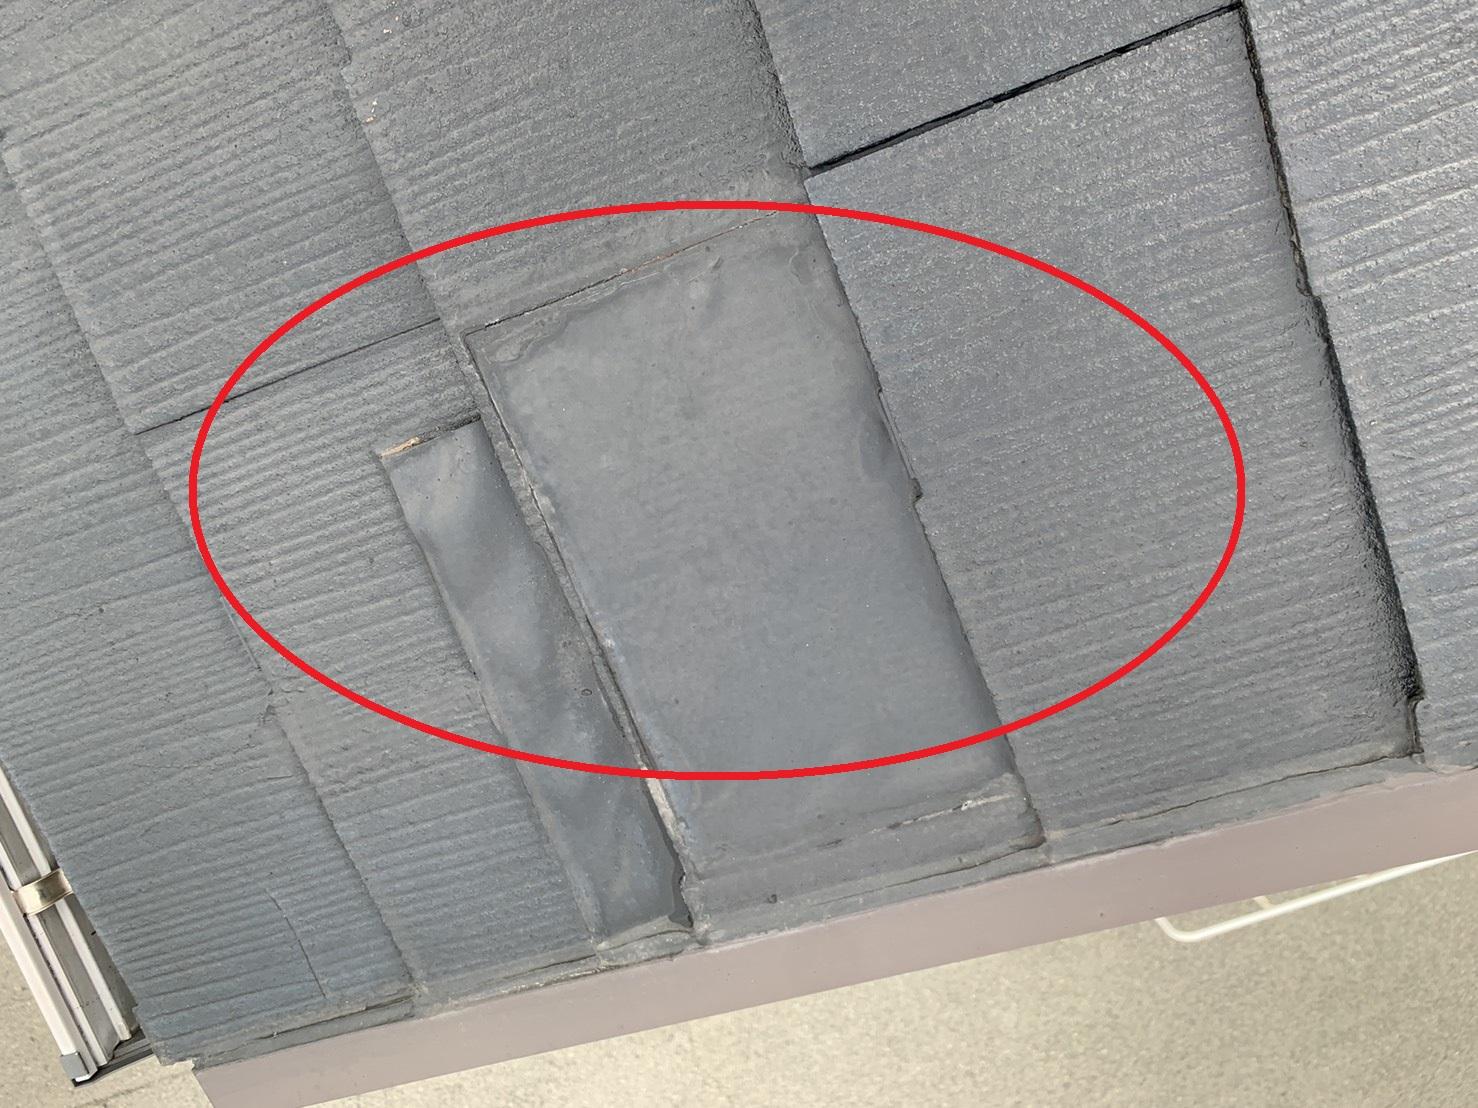 雨漏りしているスレート屋根の補修跡